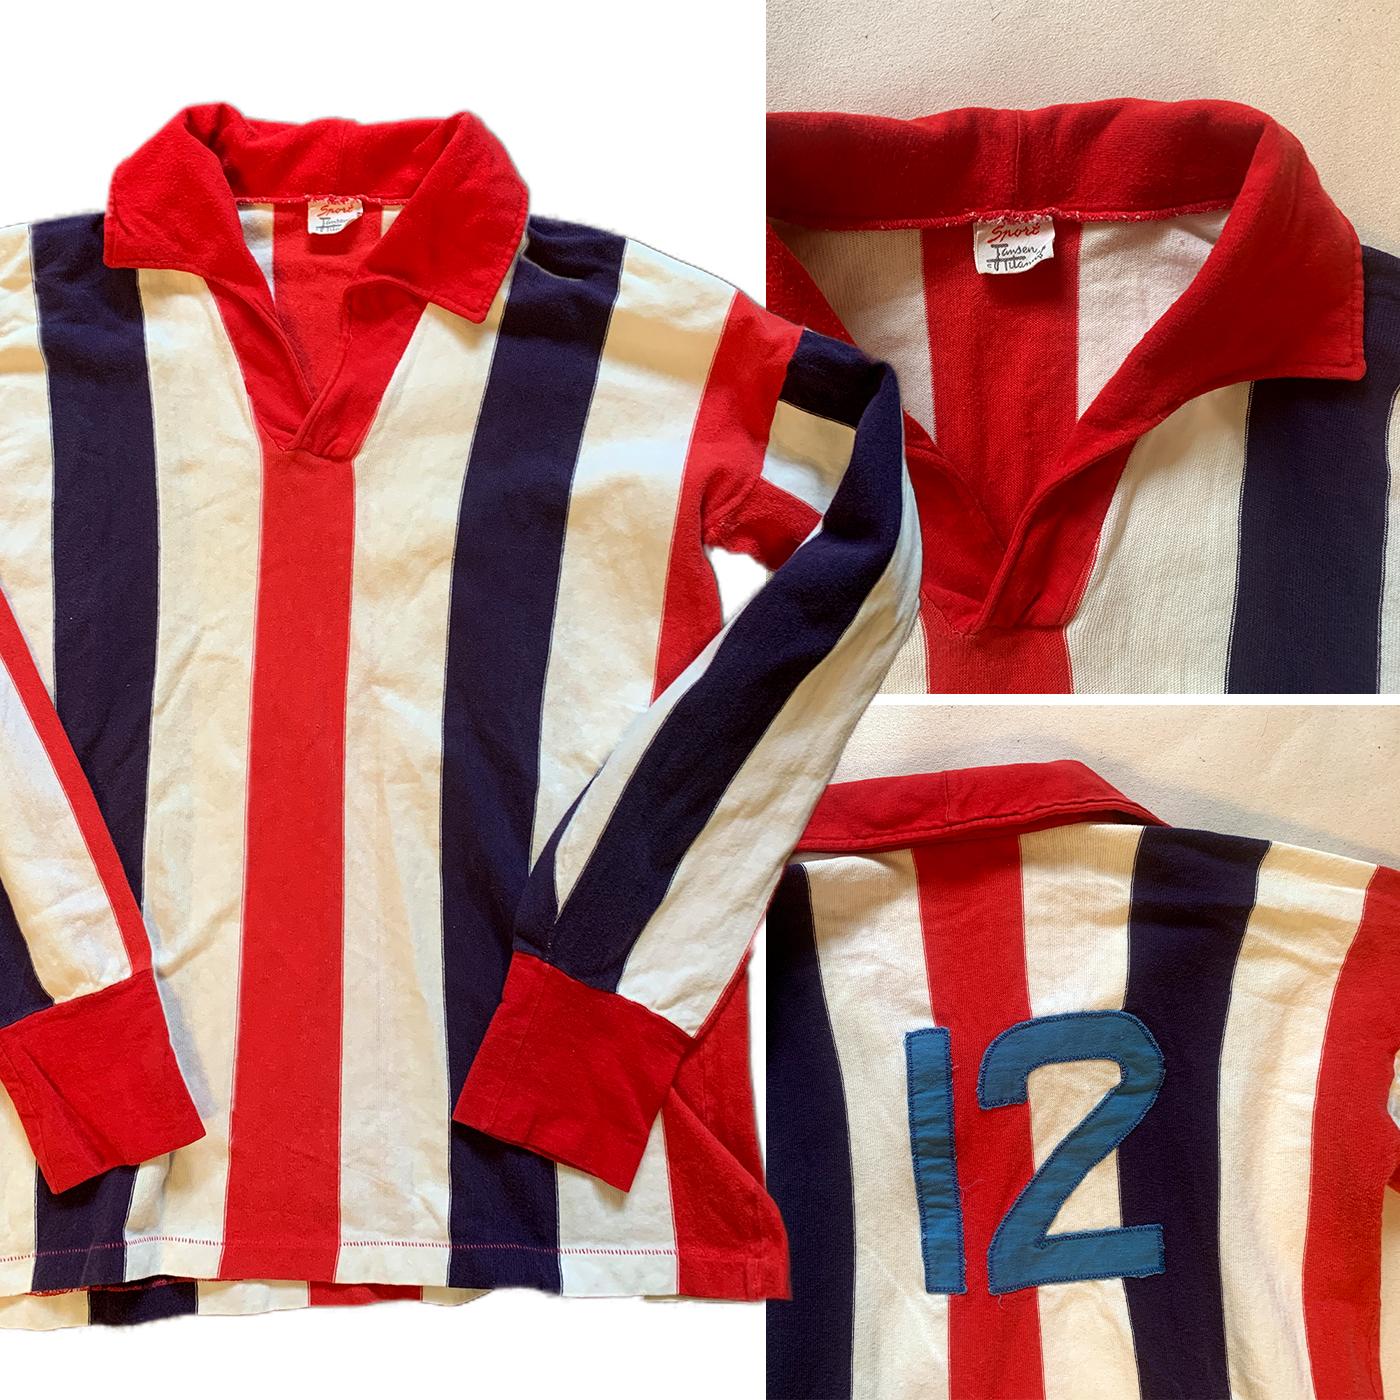 S01E14 - Het shirt zoals gedragen in het seizoen 1965/1966